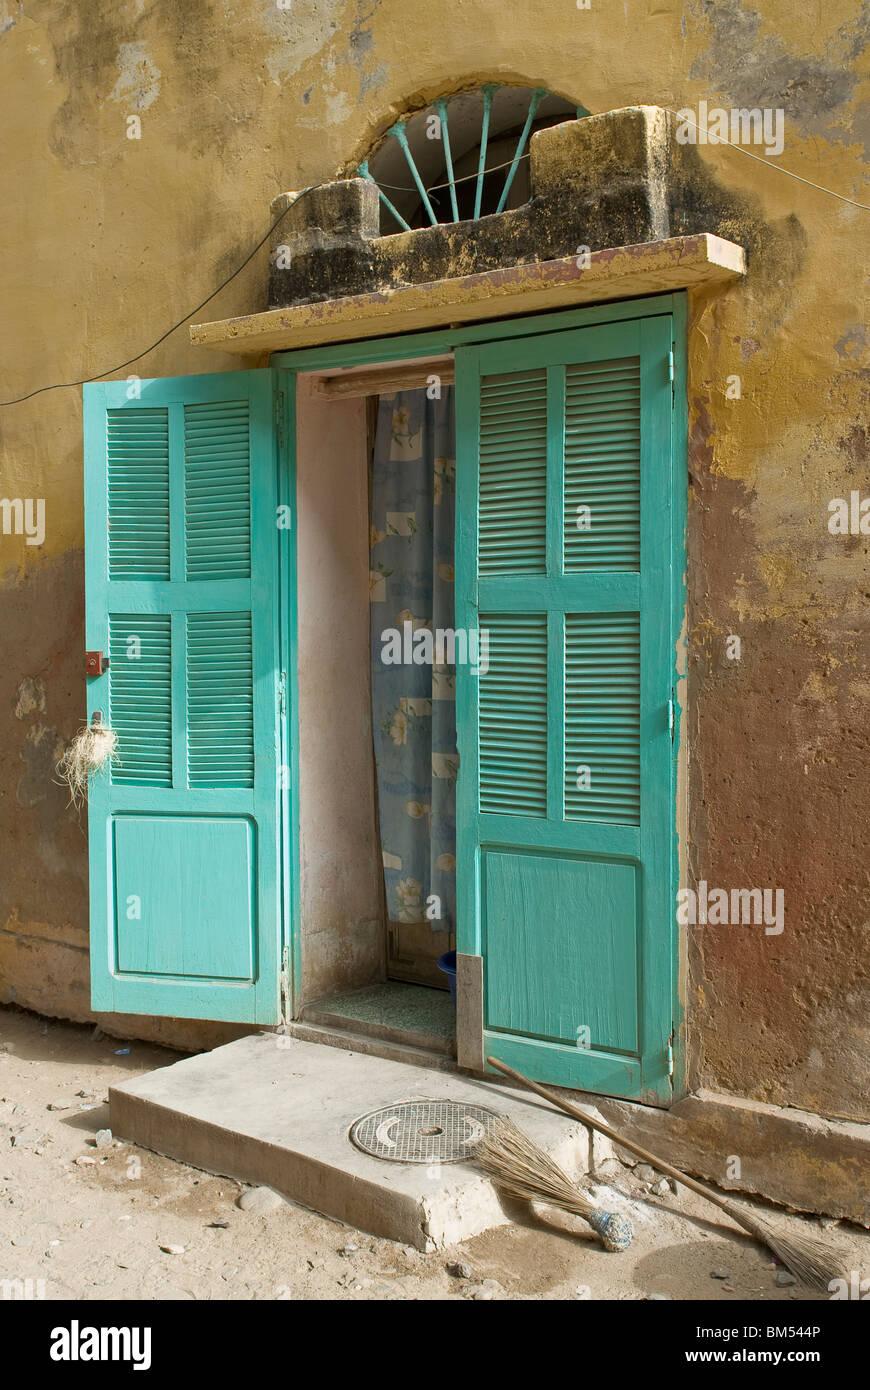 Colorful porte d'une maison coloniale à l'île de Gorée, Dakar, Sénégal, Afrique. Banque D'Images